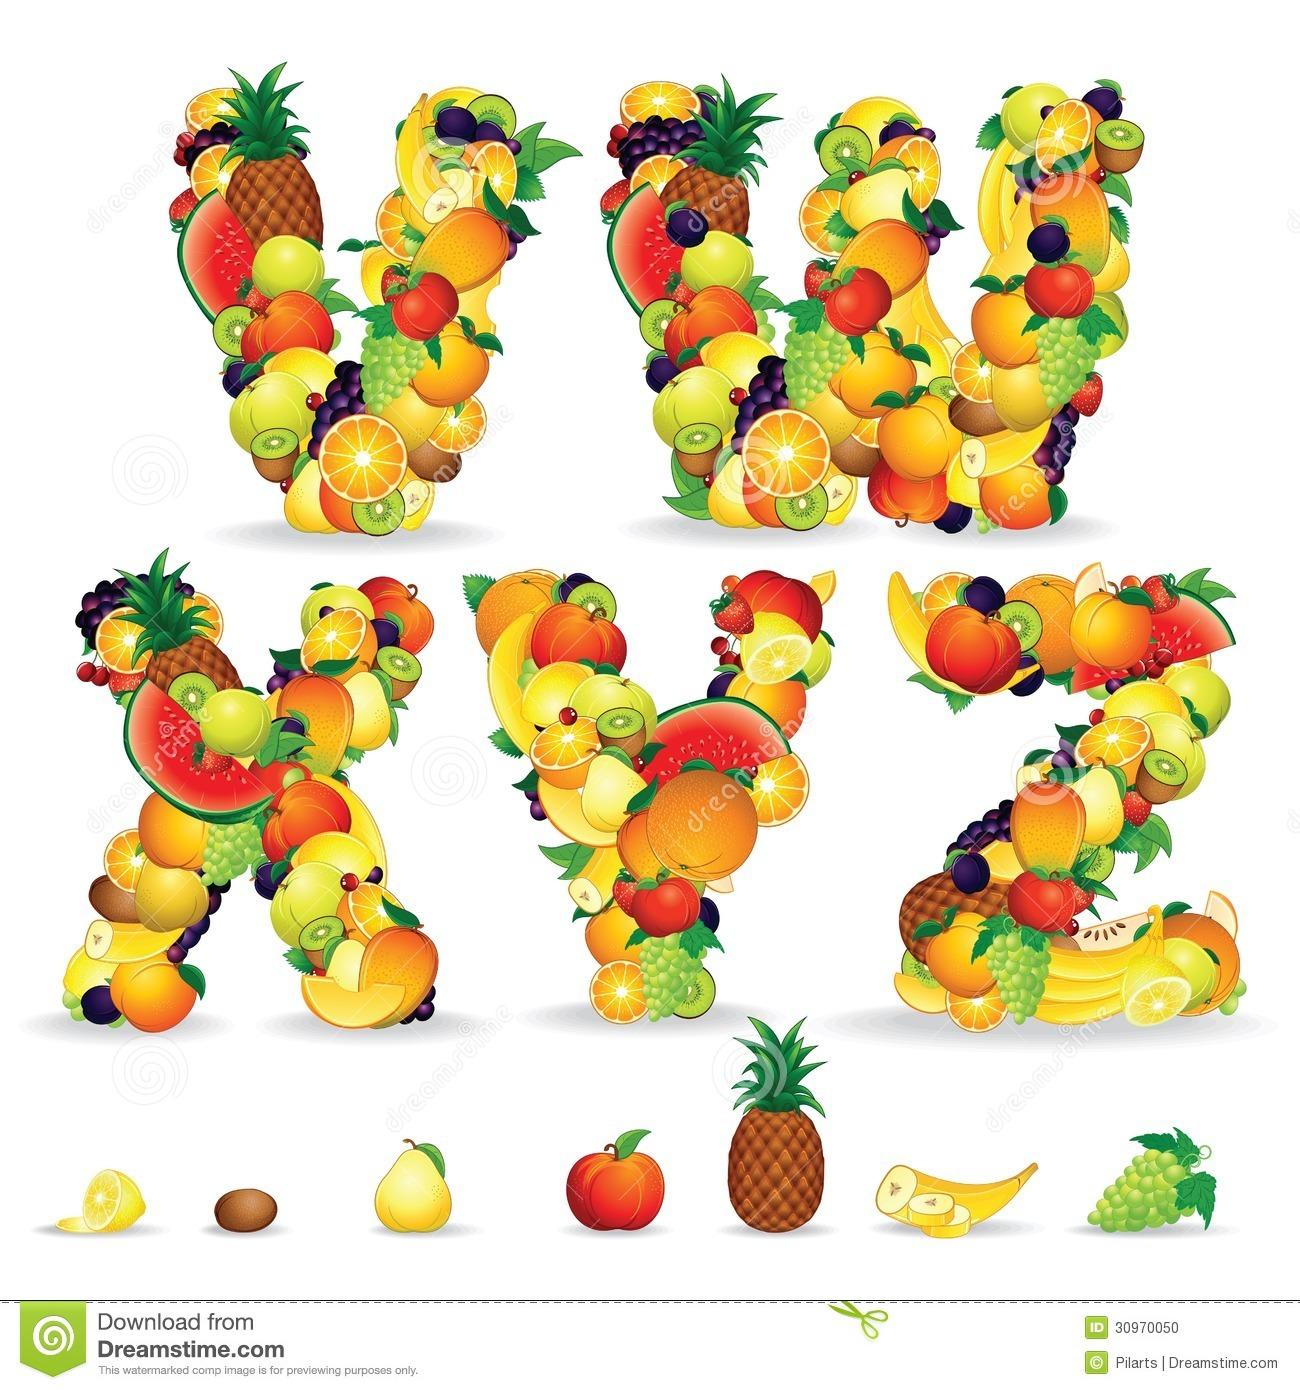 Letras Coloridas De La Fruta Y De Las Bayas. Clip Art Imagenes de.